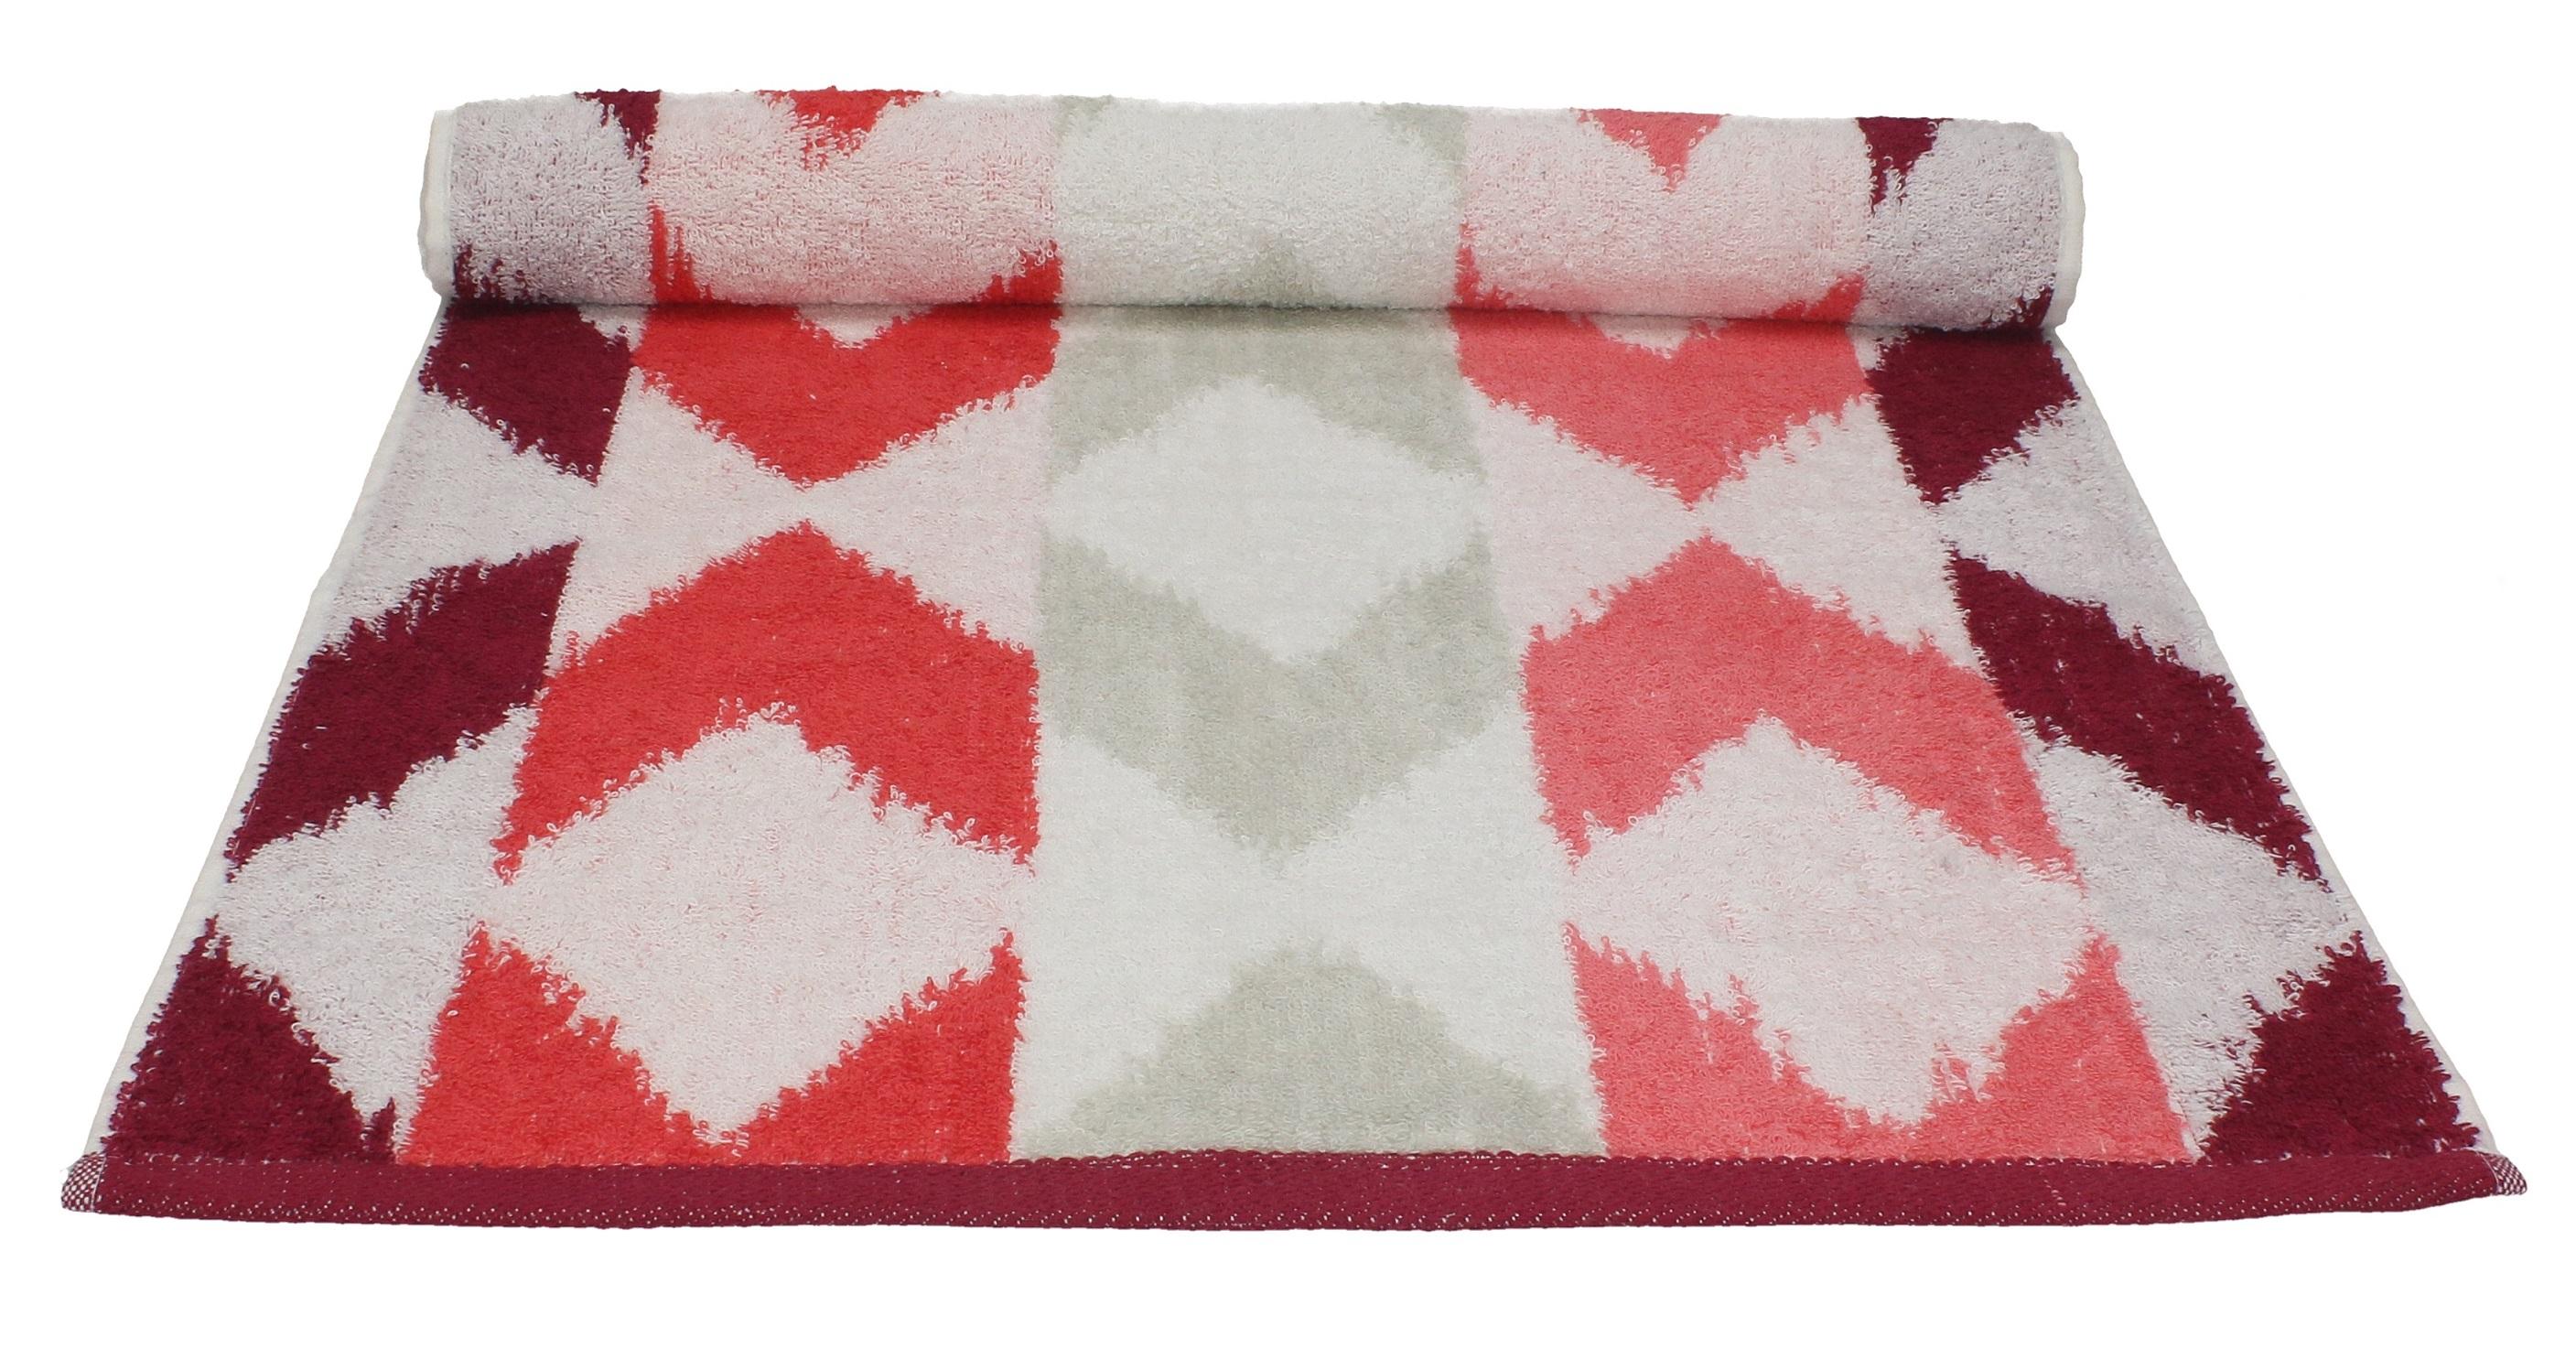 Lot serviette de toilette excellent un lot de serviettes terre cuite with lot serviette de - Lot de serviette de bain destockage ...